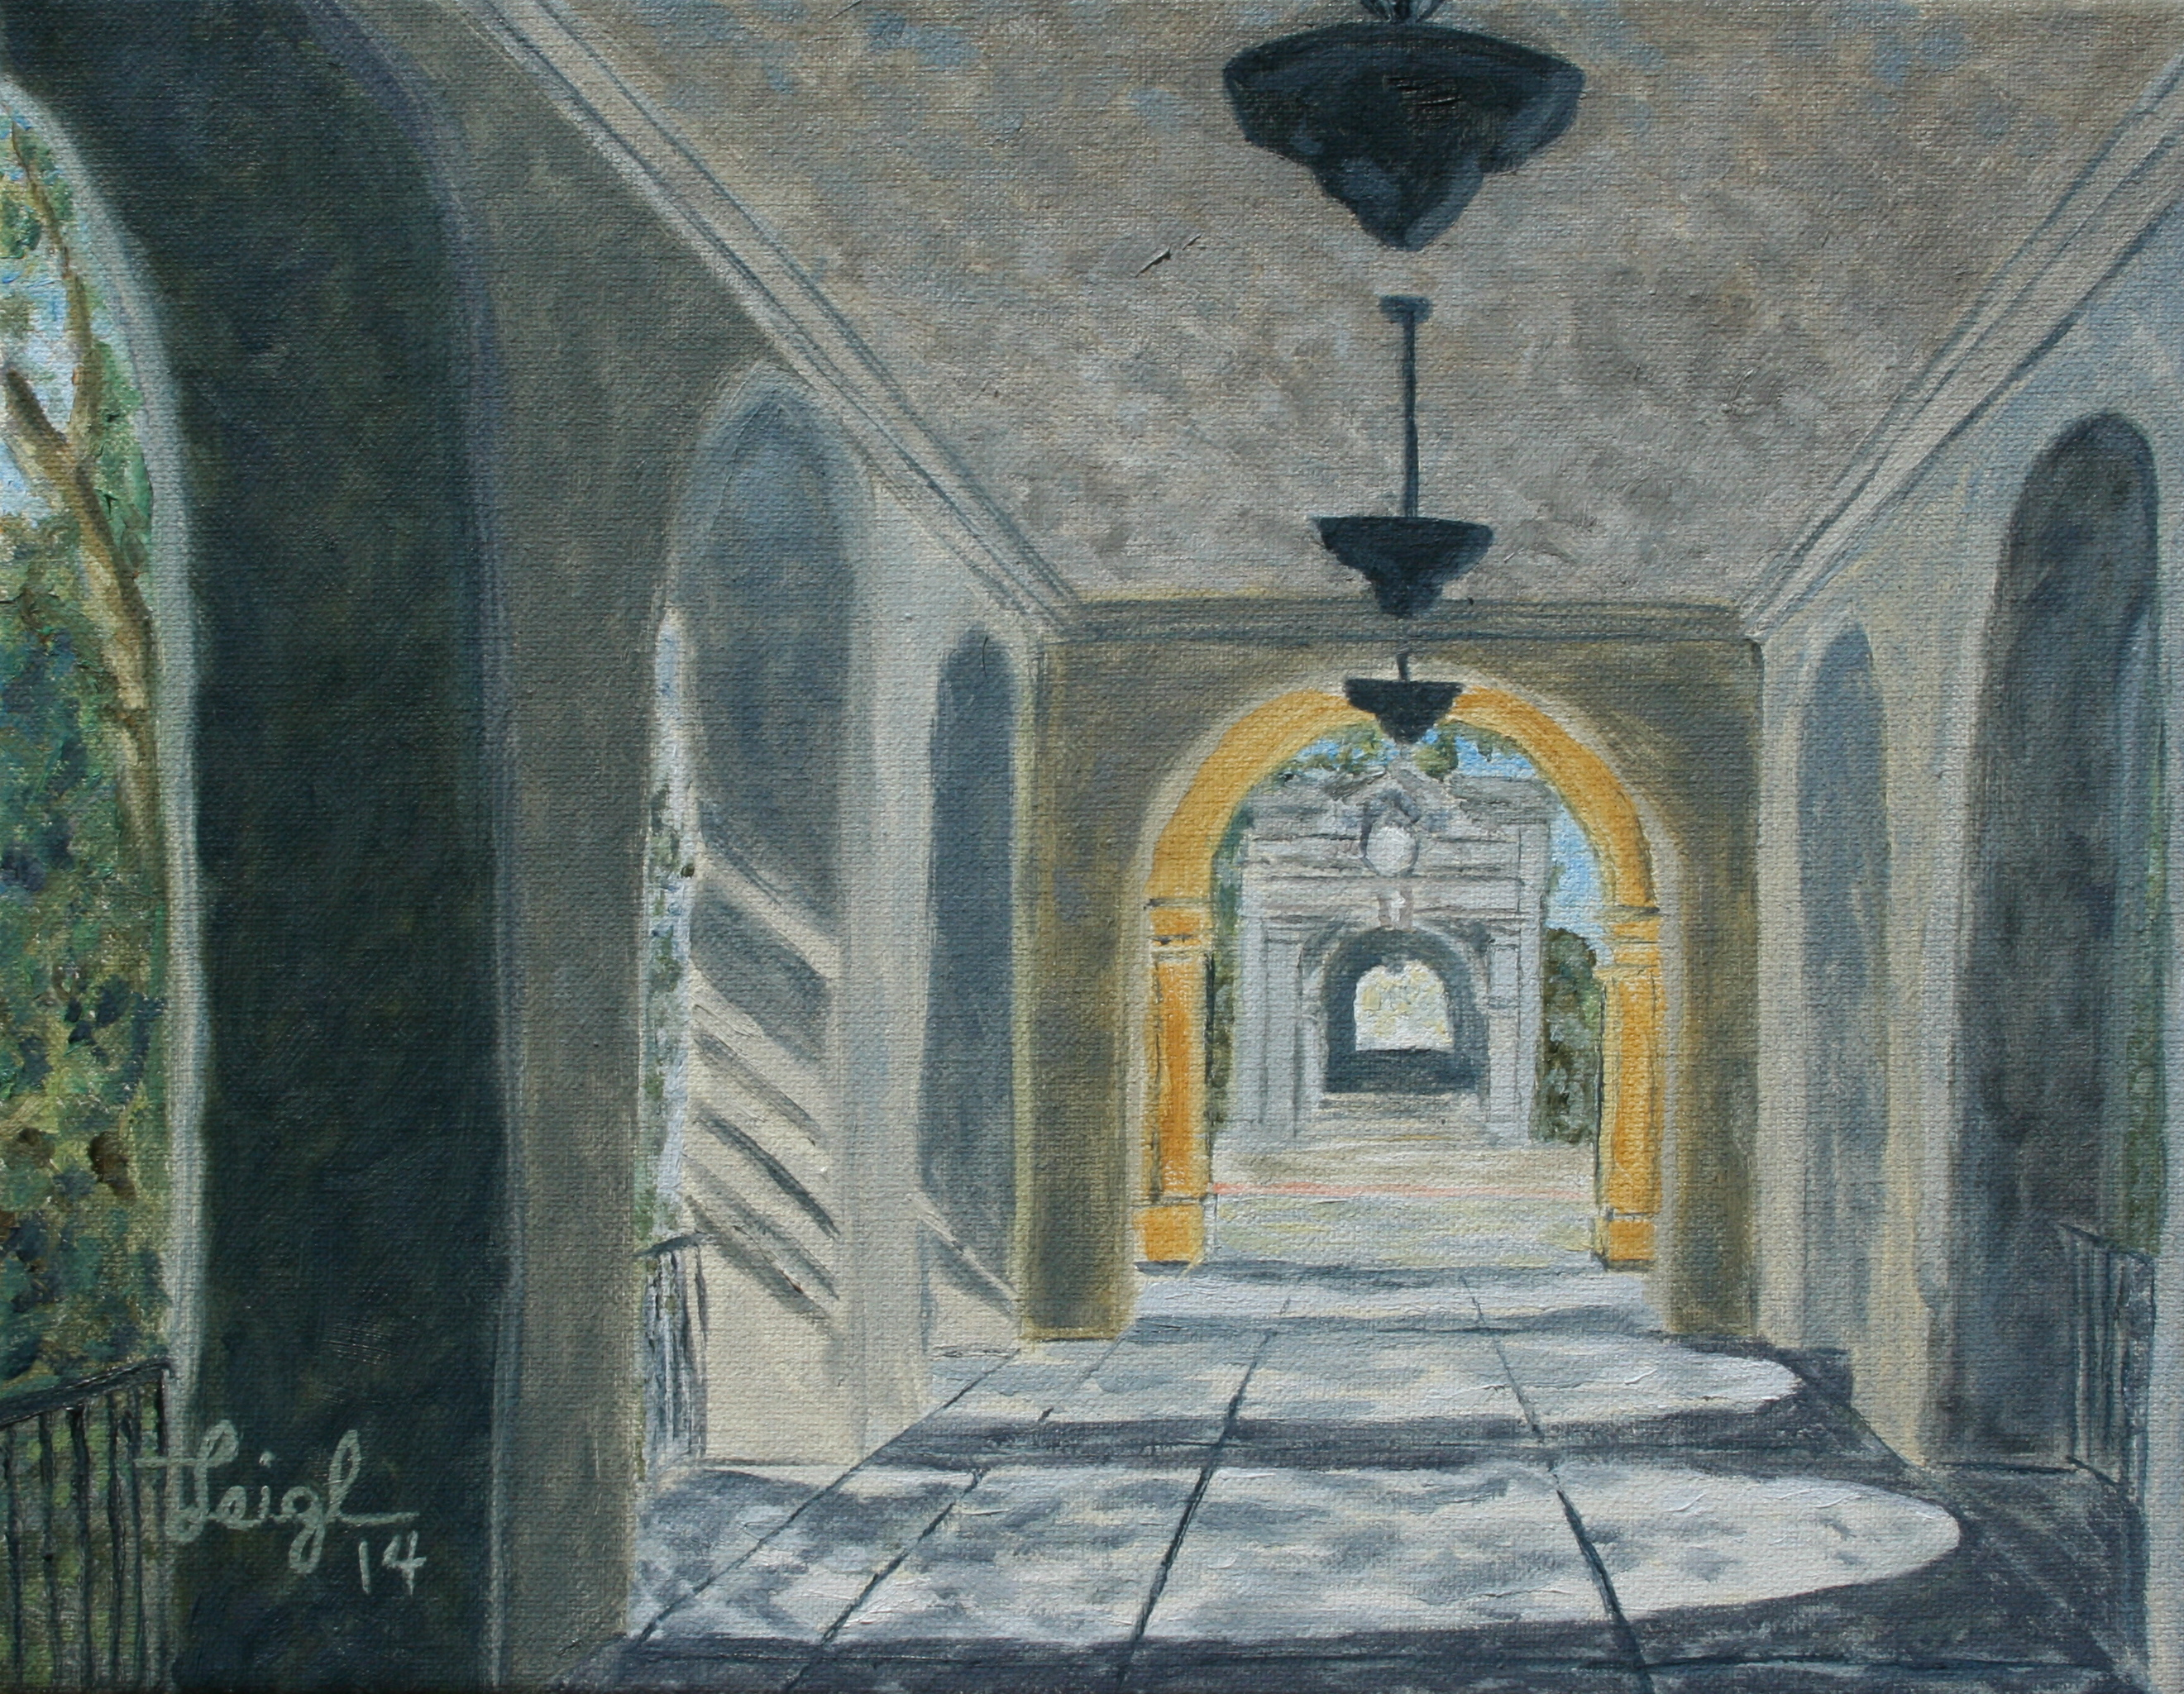 Casa del Prado Hallway  ~   2014  •  14 x 11